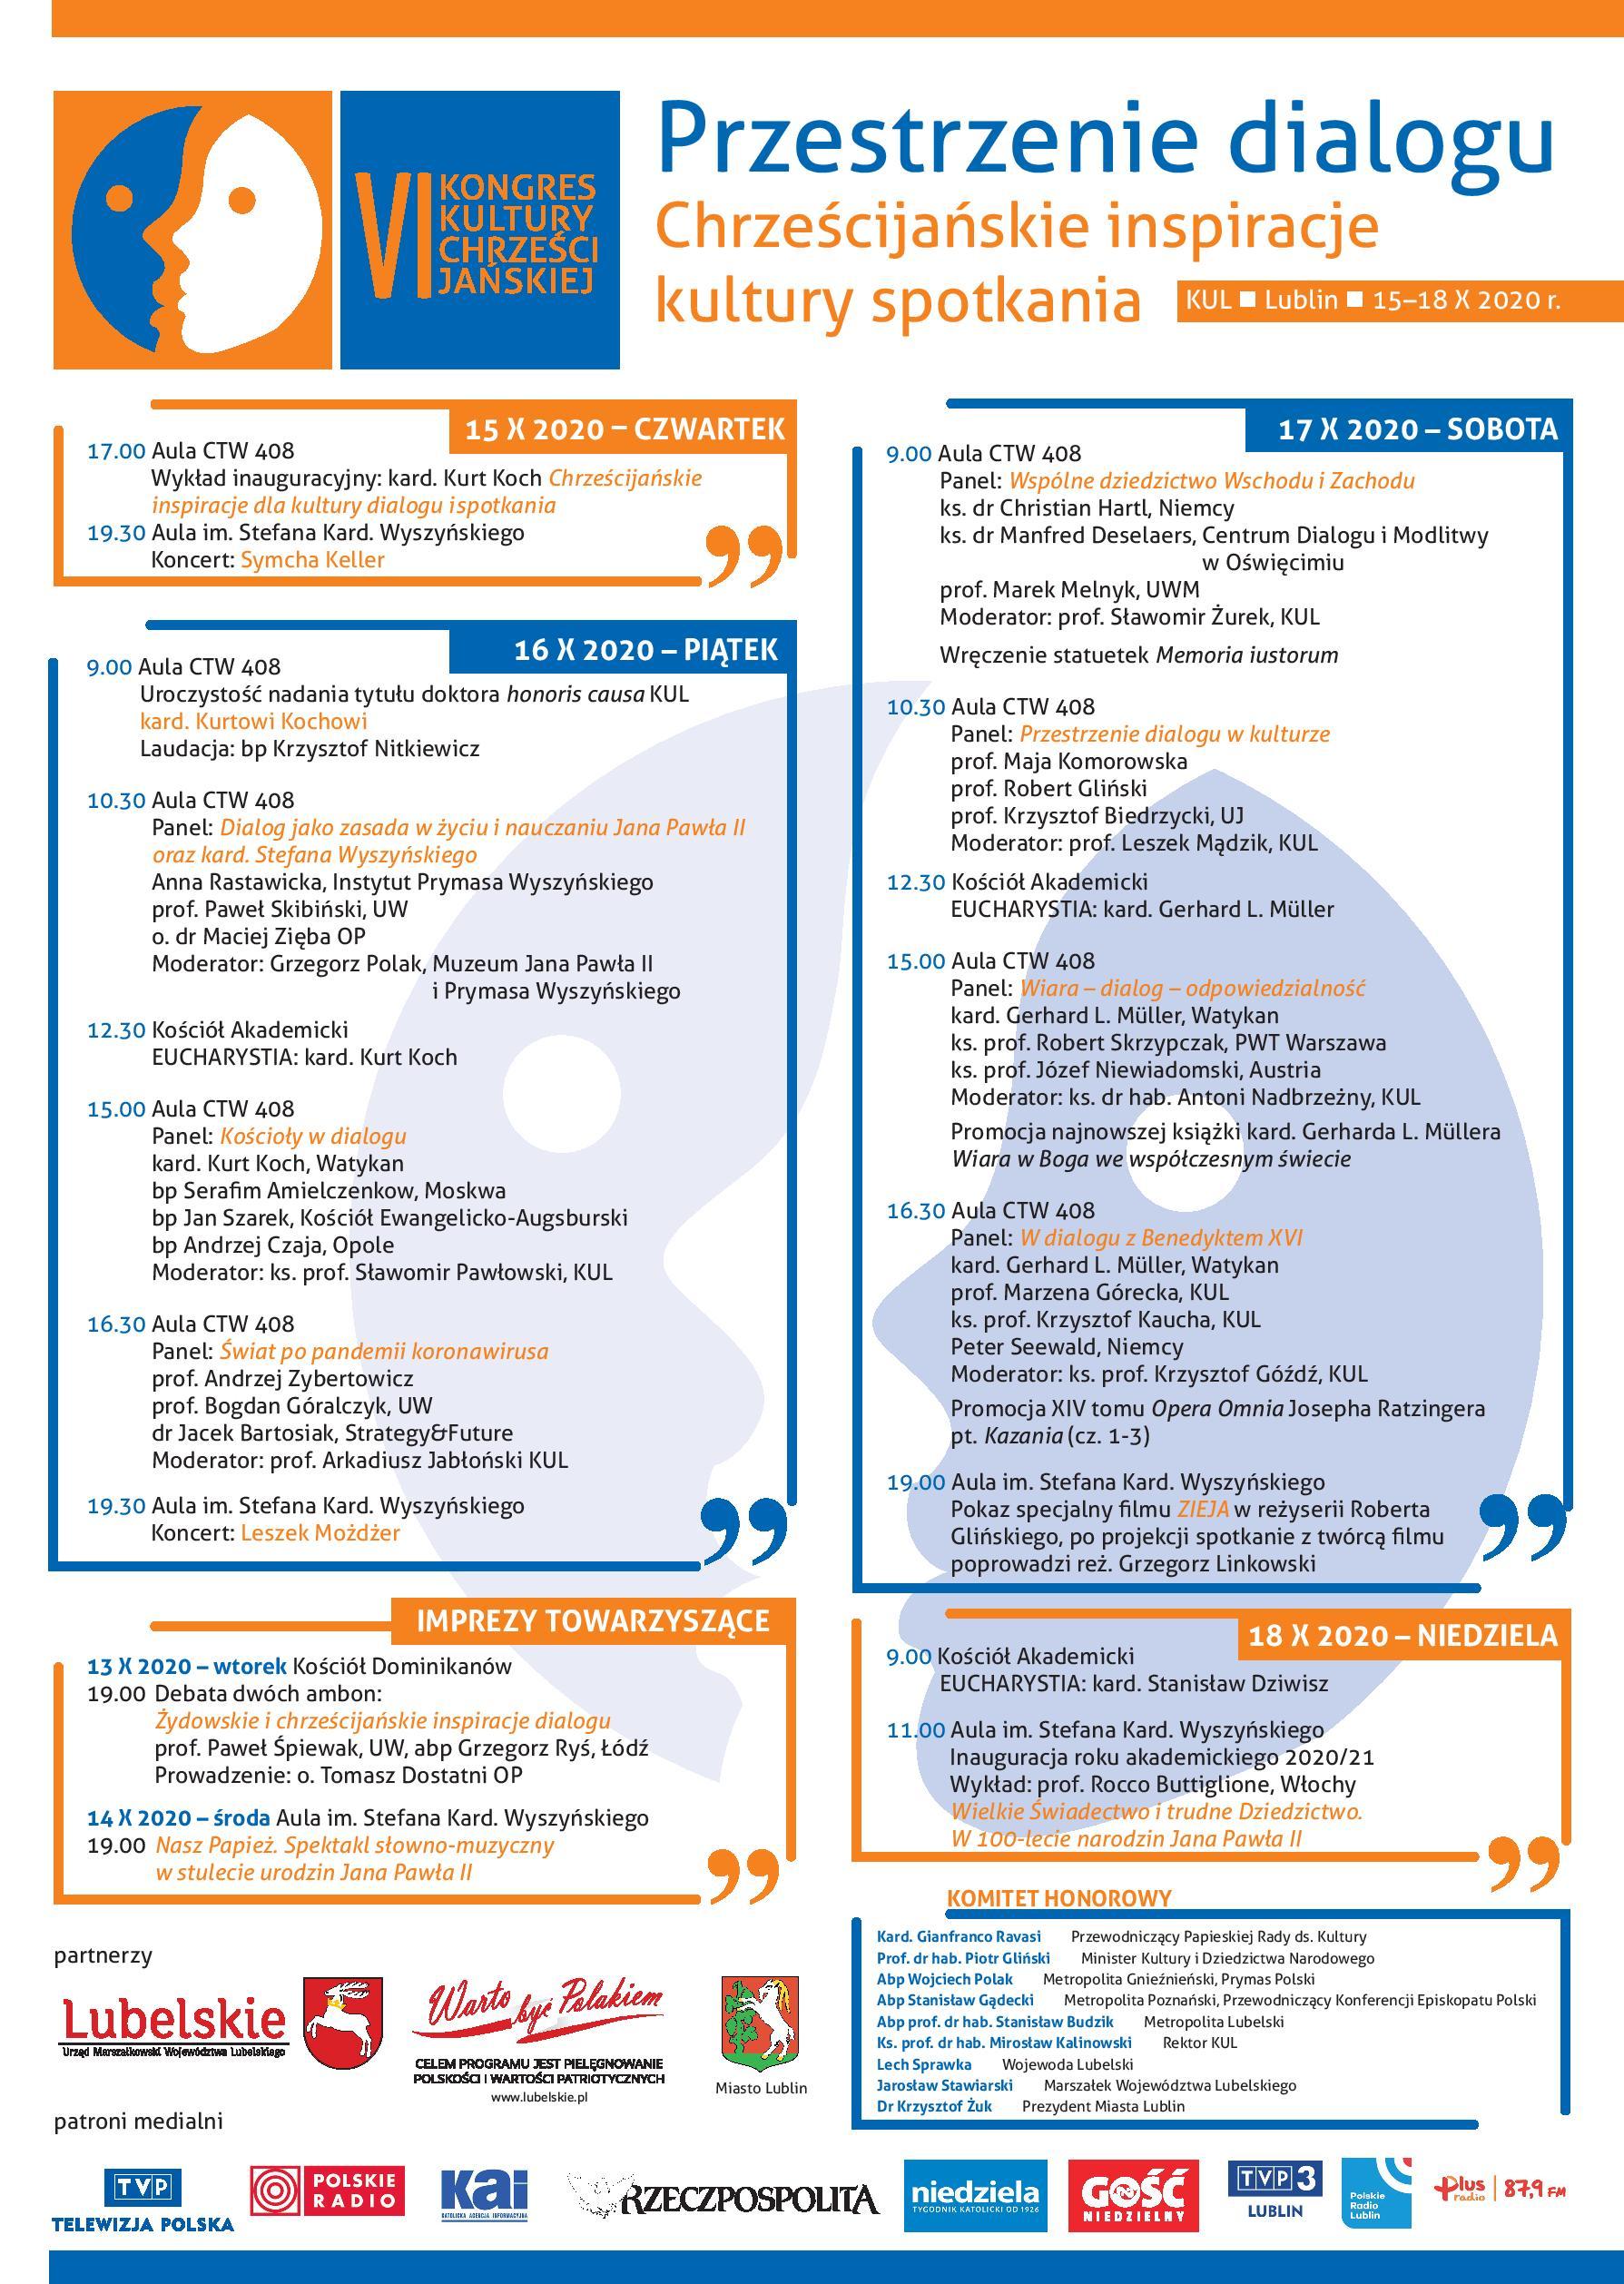 Plakat VI Kongresu Kultury Chrześcijańskiej przedstawiający plan wydarzeń